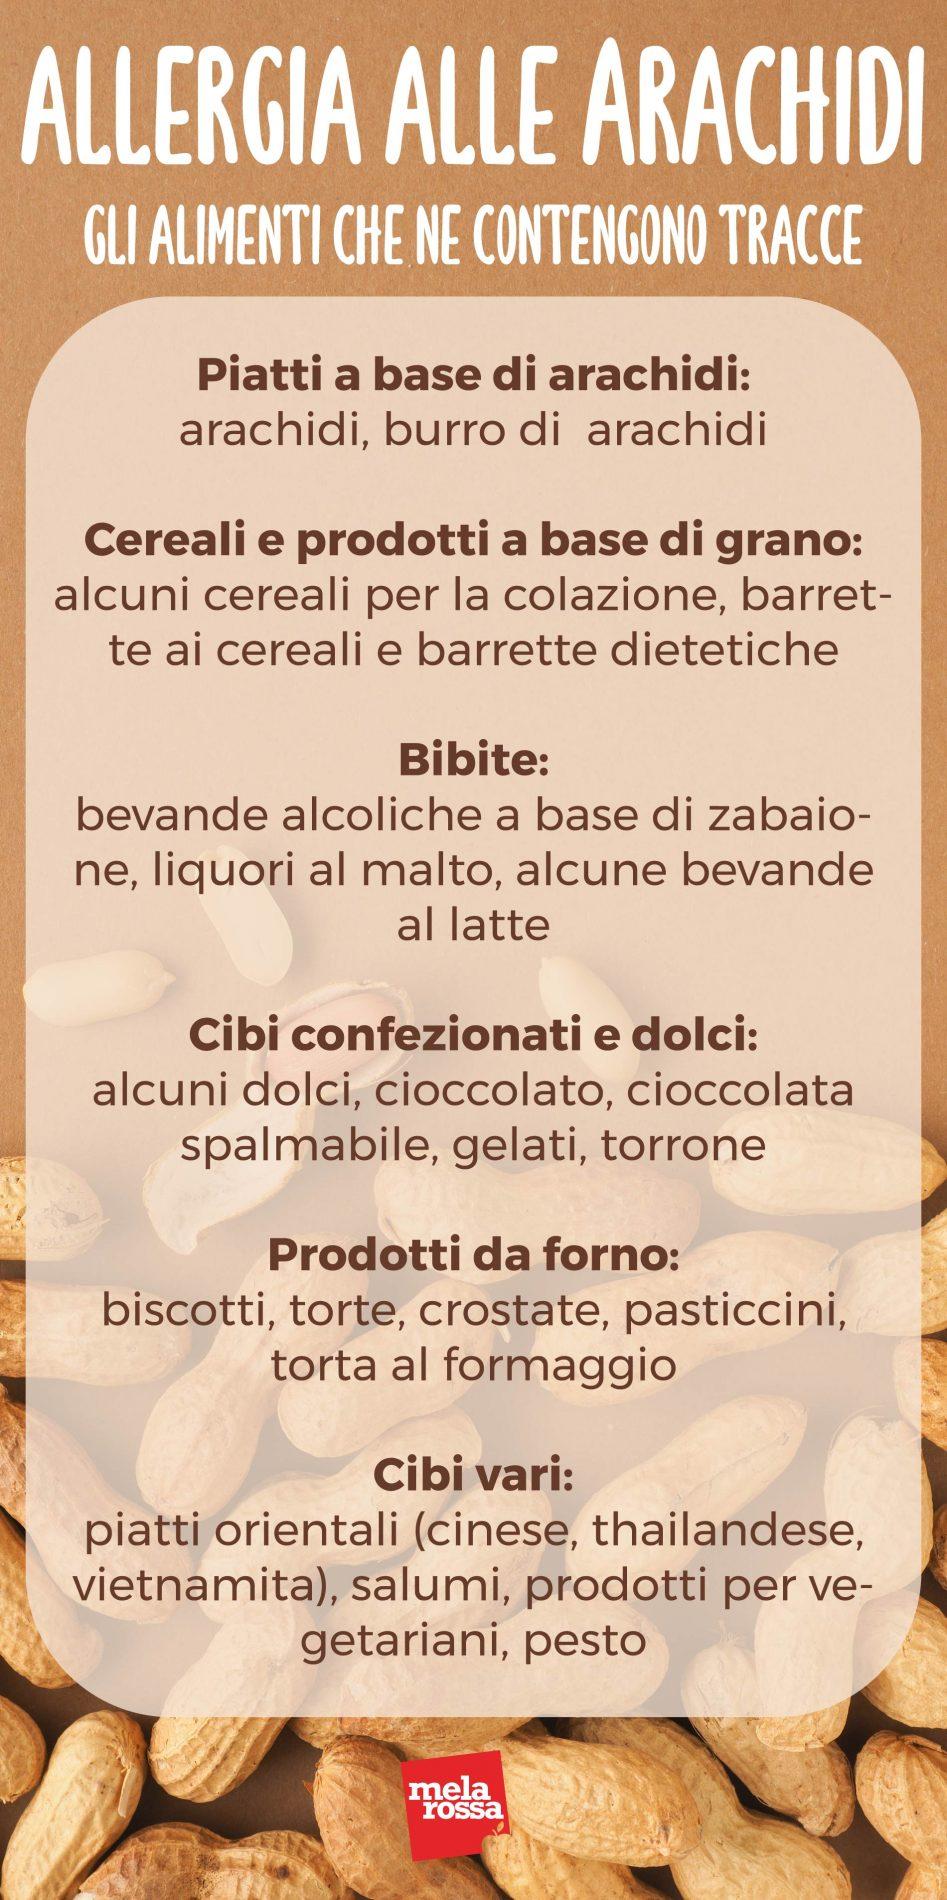 allergia alle arachidi: alimenti che ne contengono